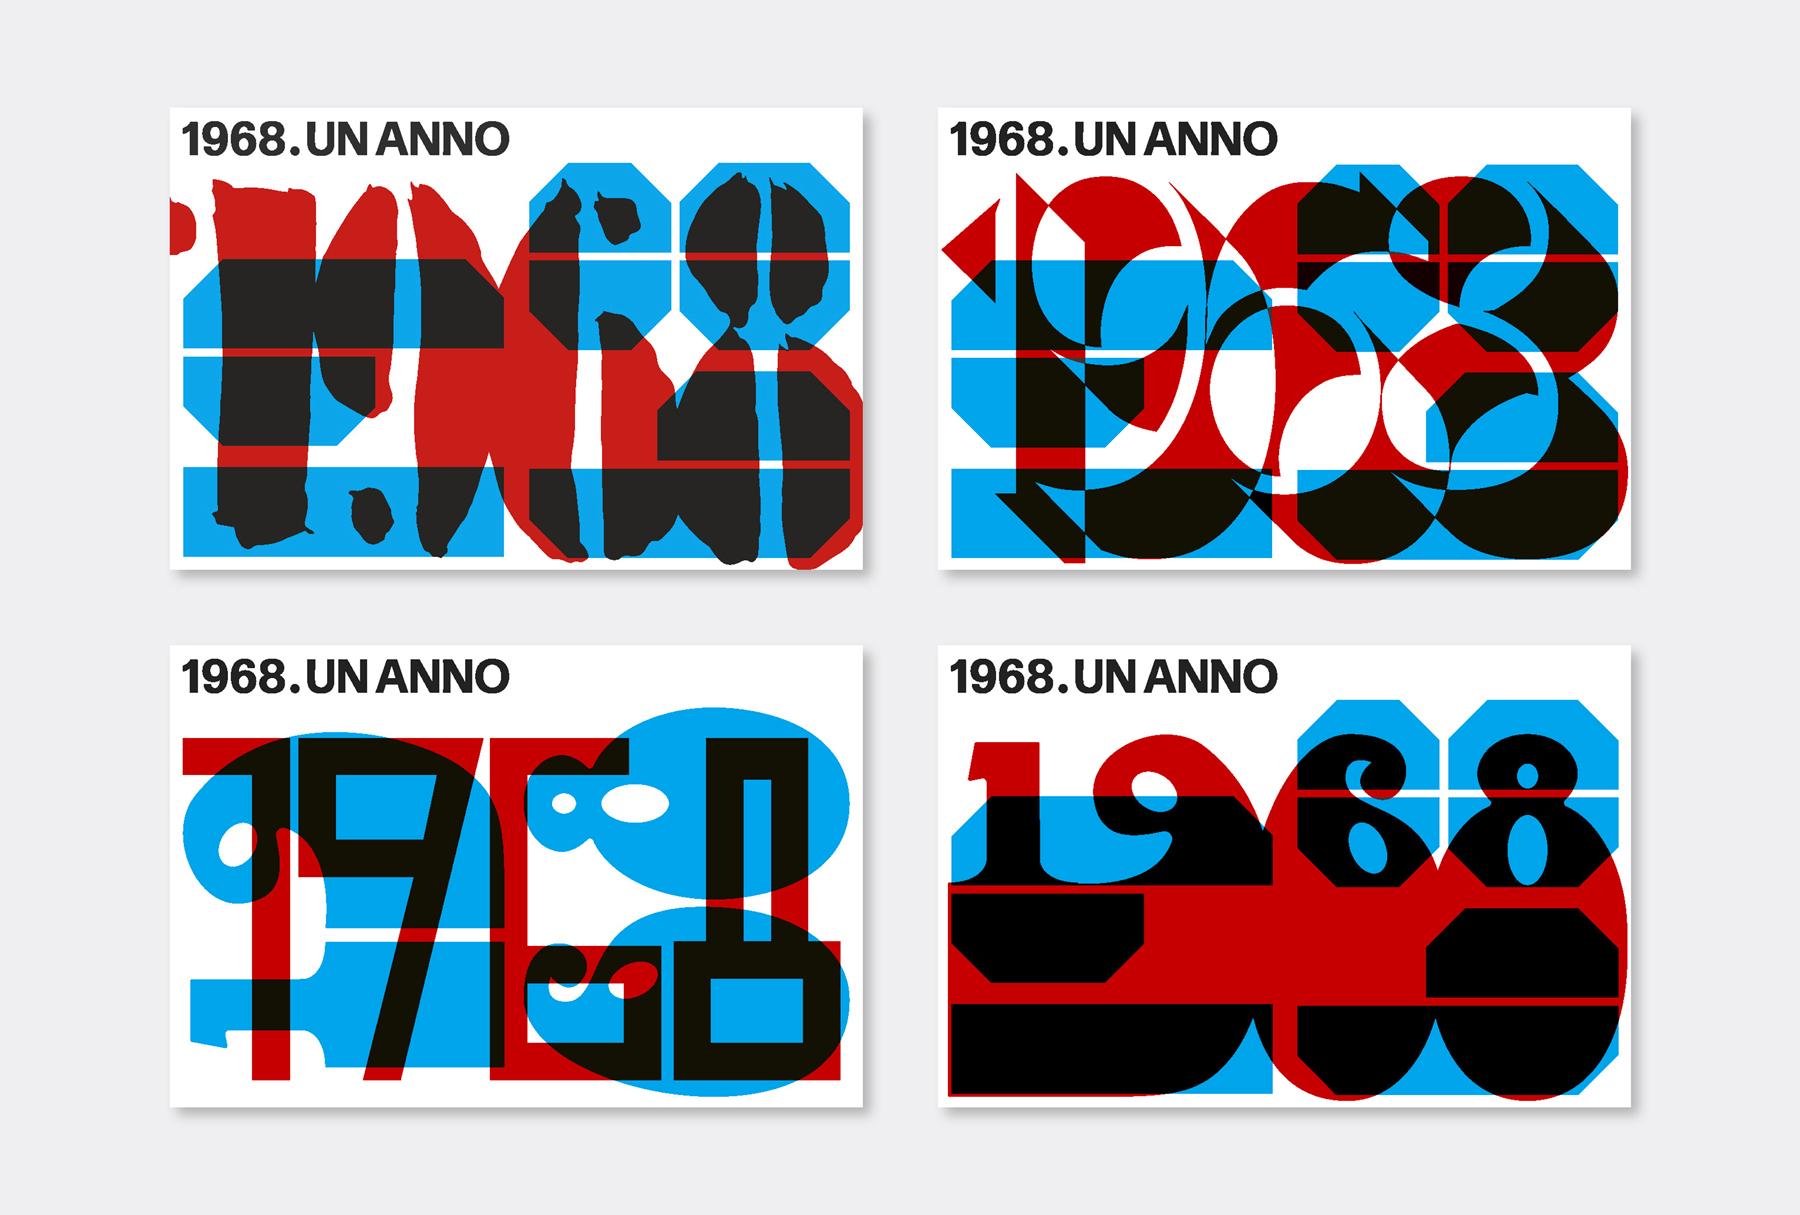 2018_1968-un-anno_Cartolina_02_grande